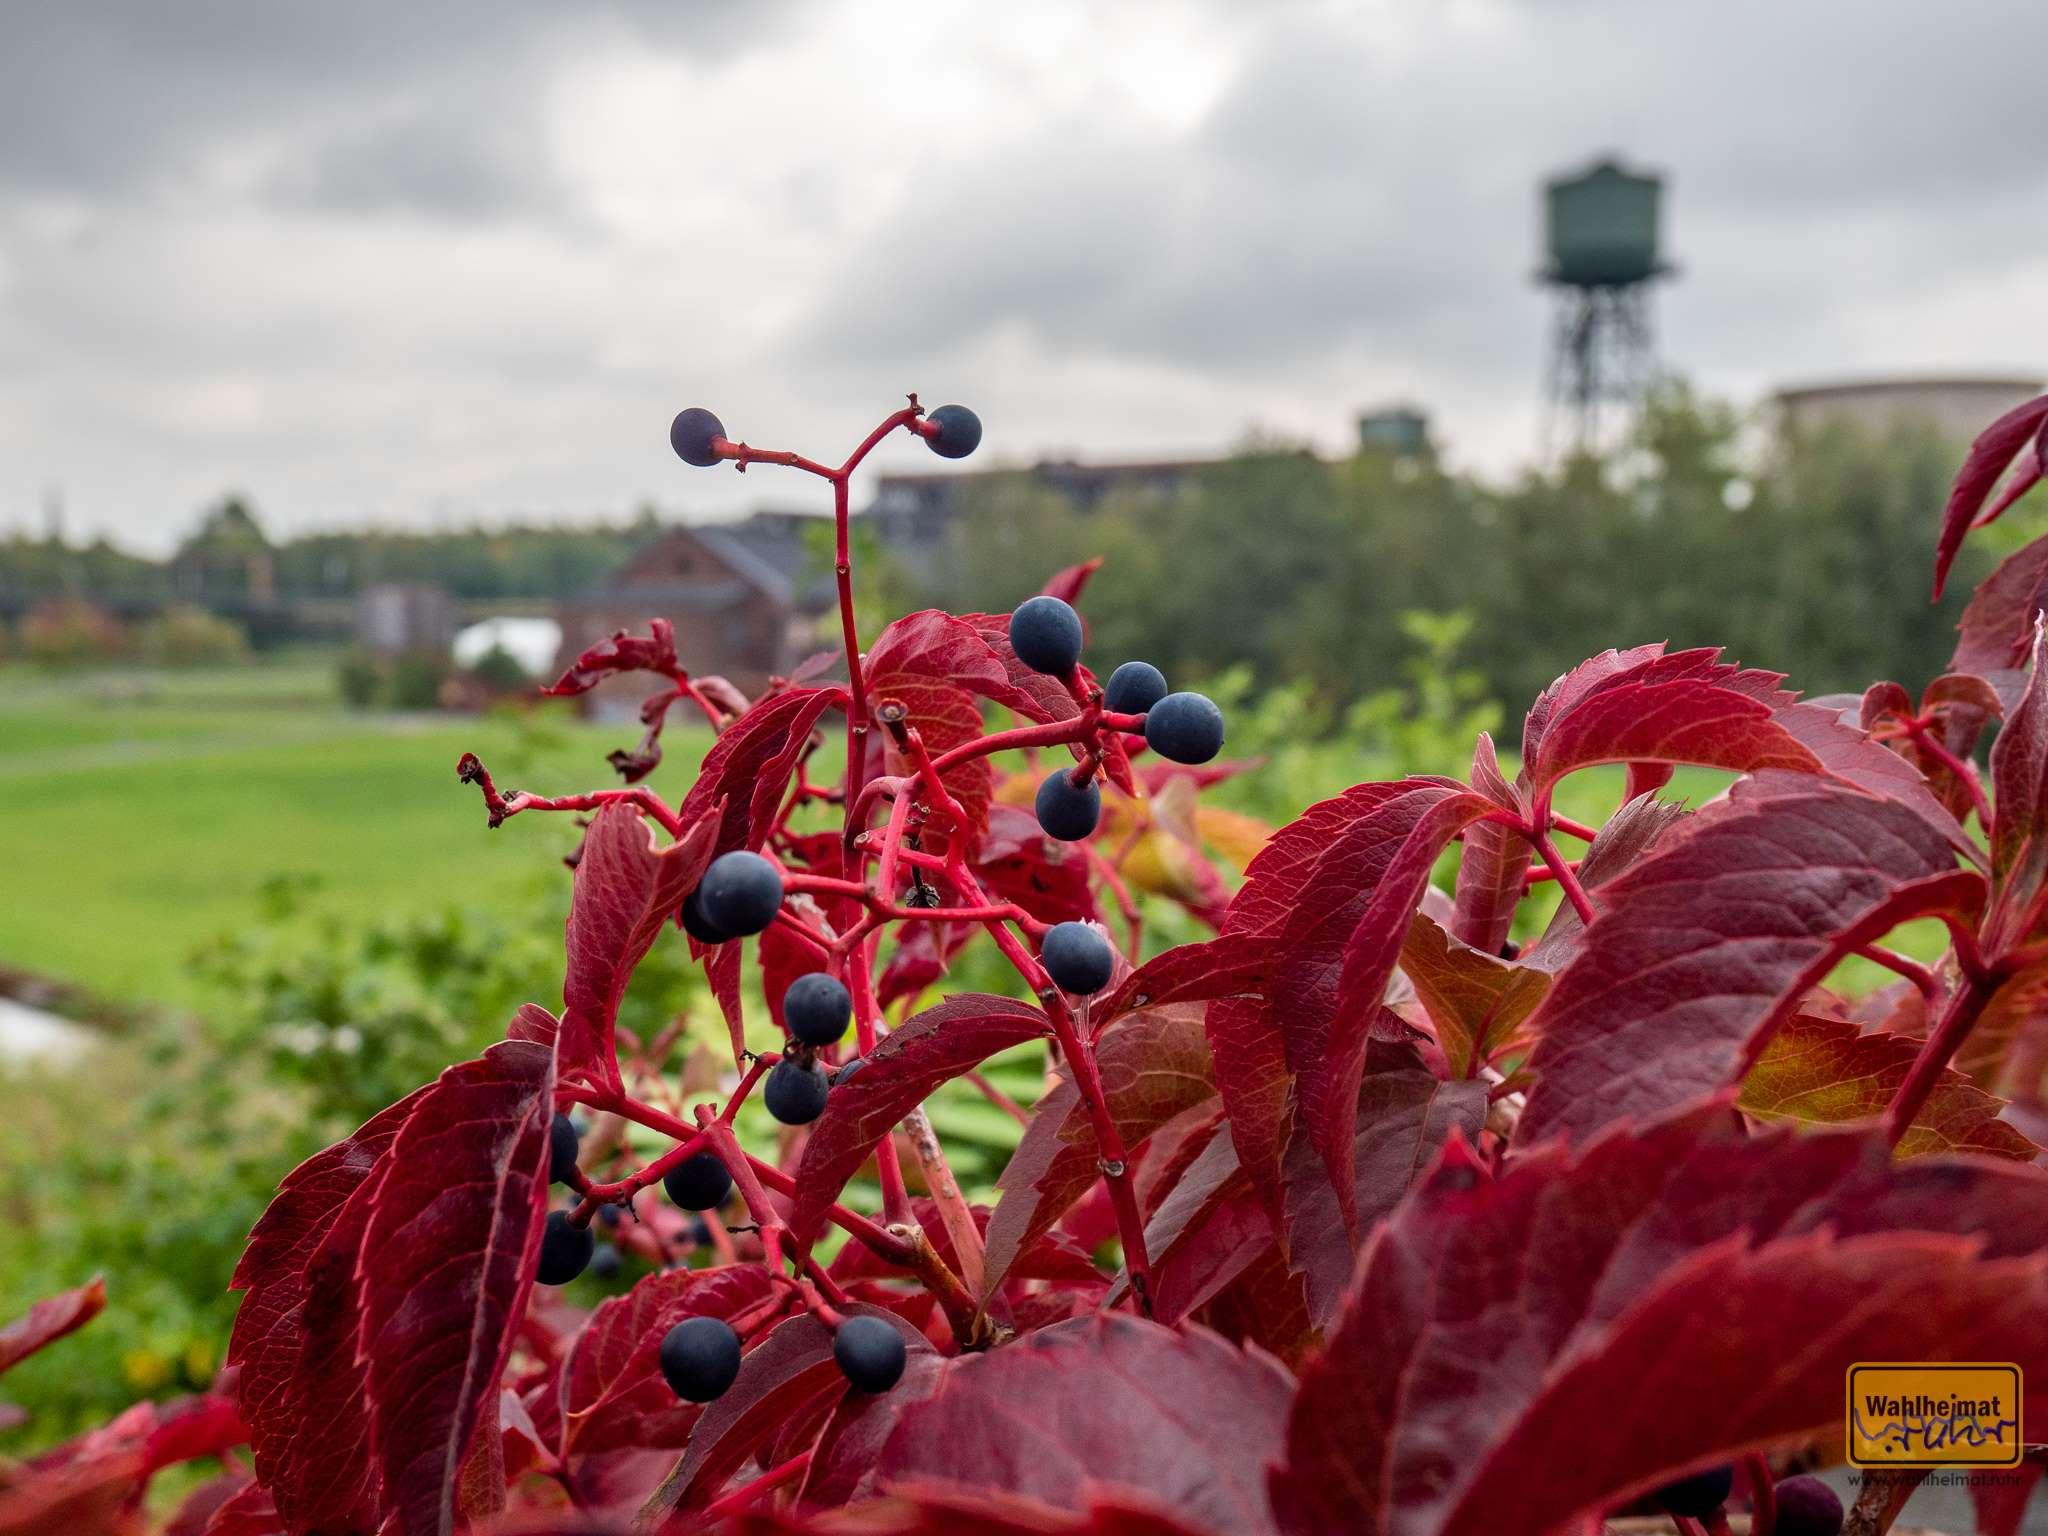 Westpark: wilder Wein windet wunderschön wegesnah.